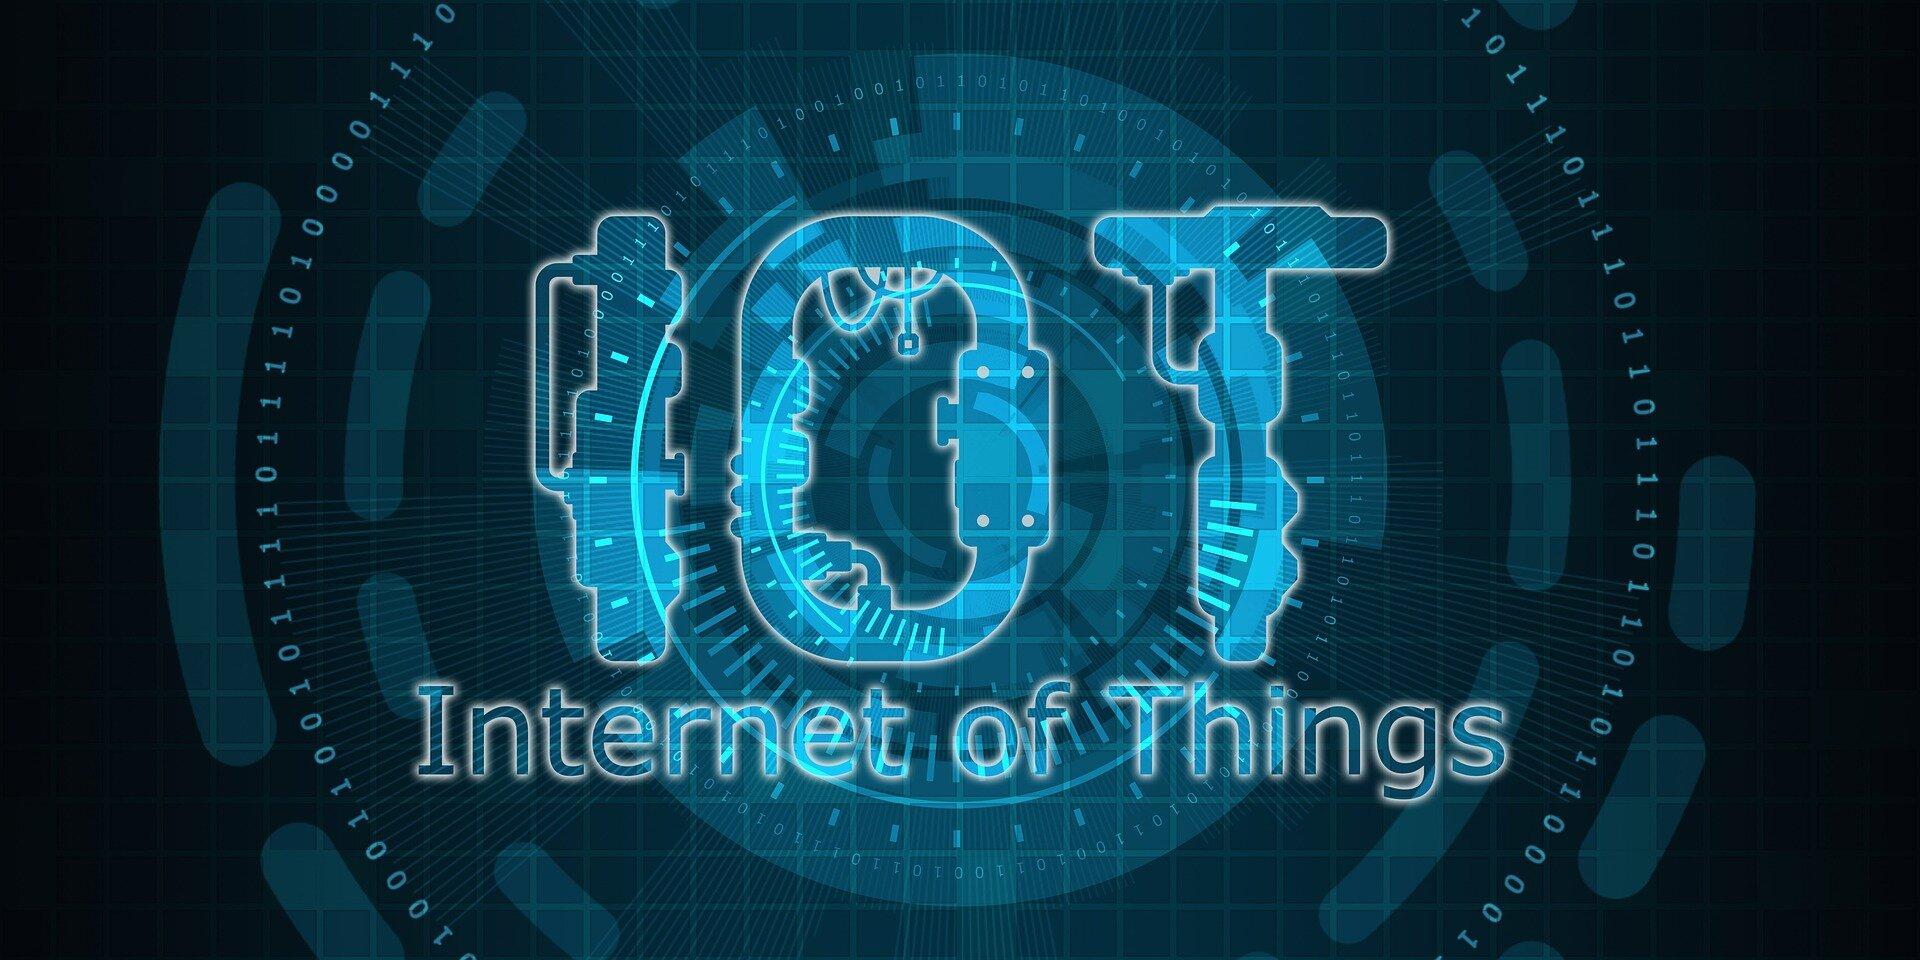 internet-of-things-4129218_1920.jpg